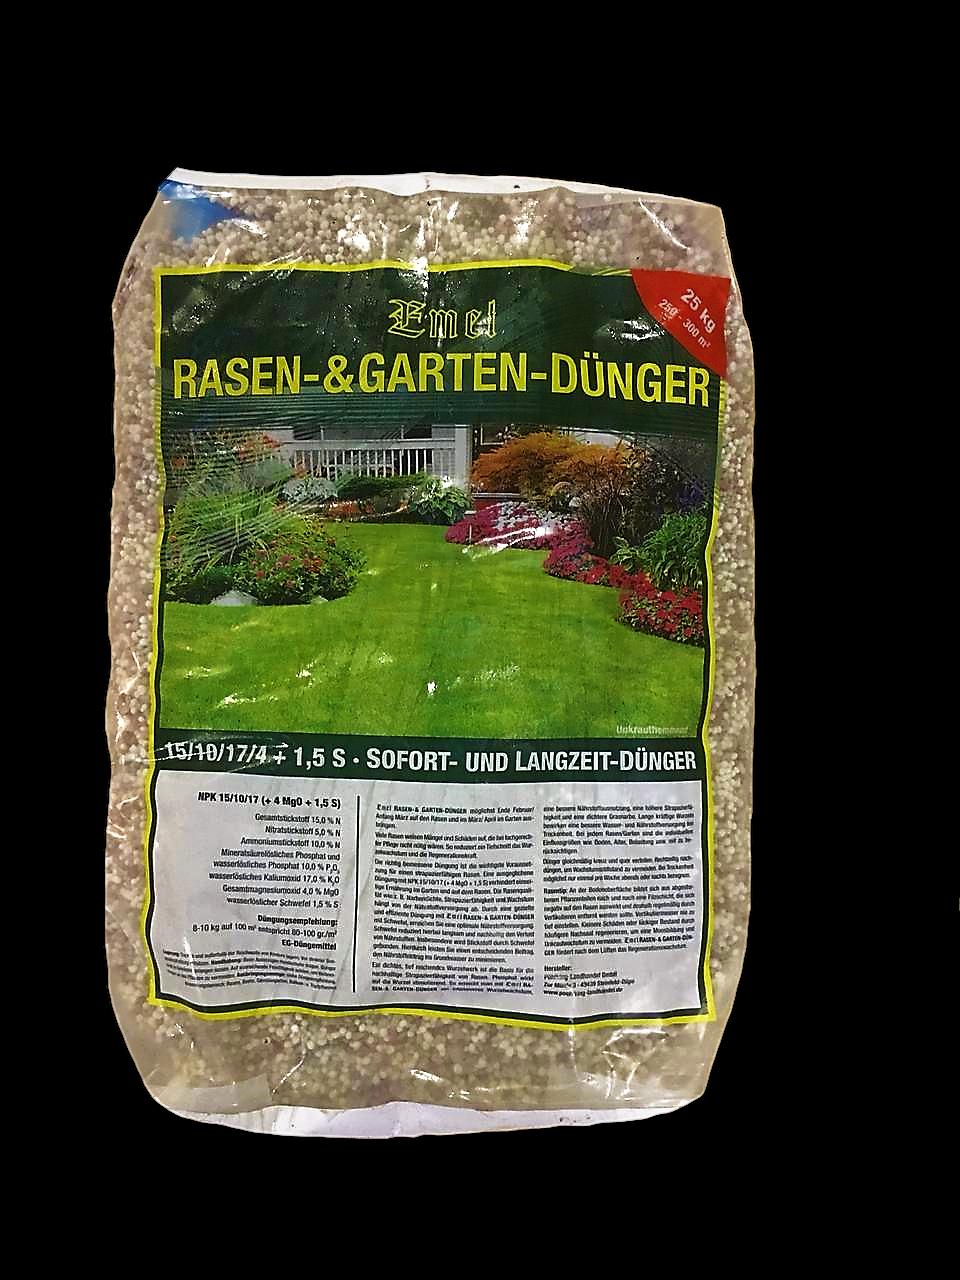 Rasendünger 25 kg NPK 15+10+17+4 Mg0+1,5 S EMEL Sofort-& Langzeitdünger